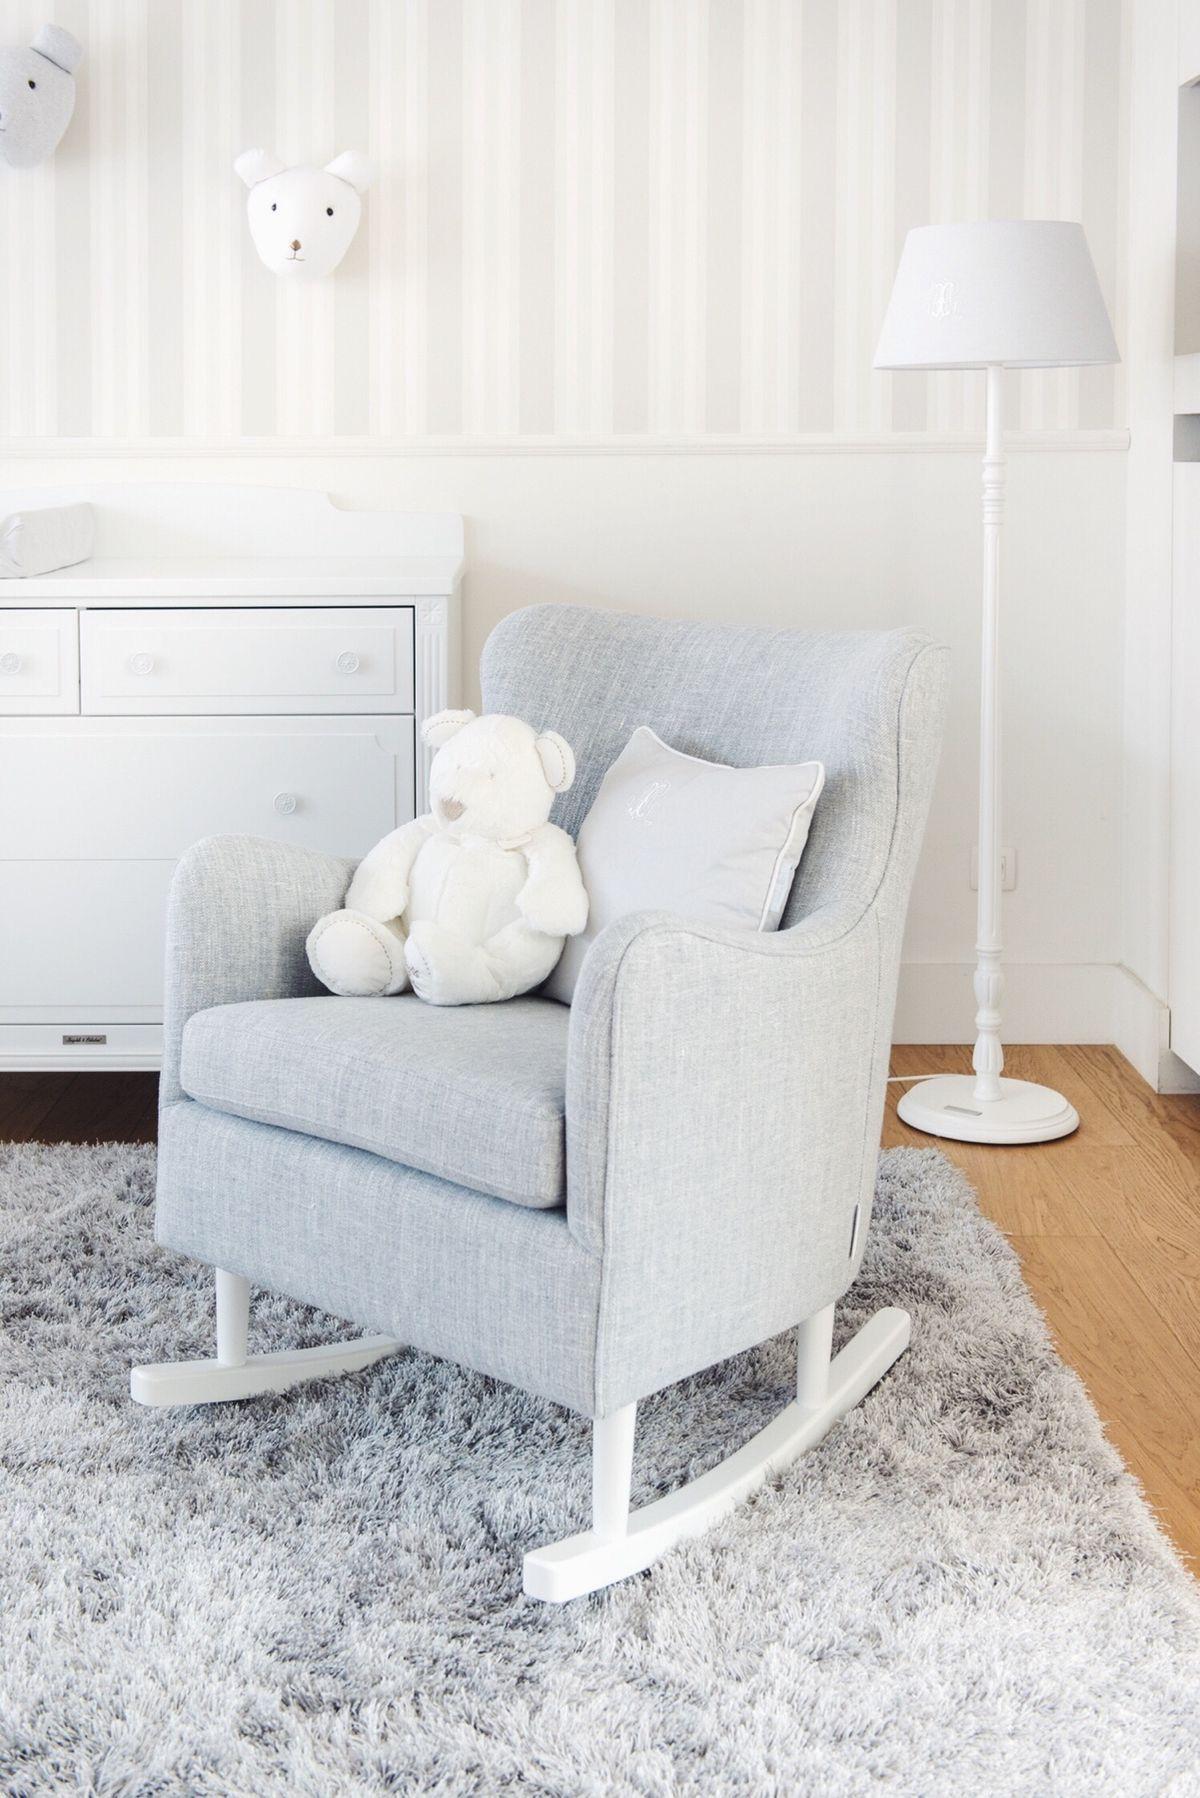 201 Pingl 233 Par Abdou0723 Sur Modern Cottage Style Cozy